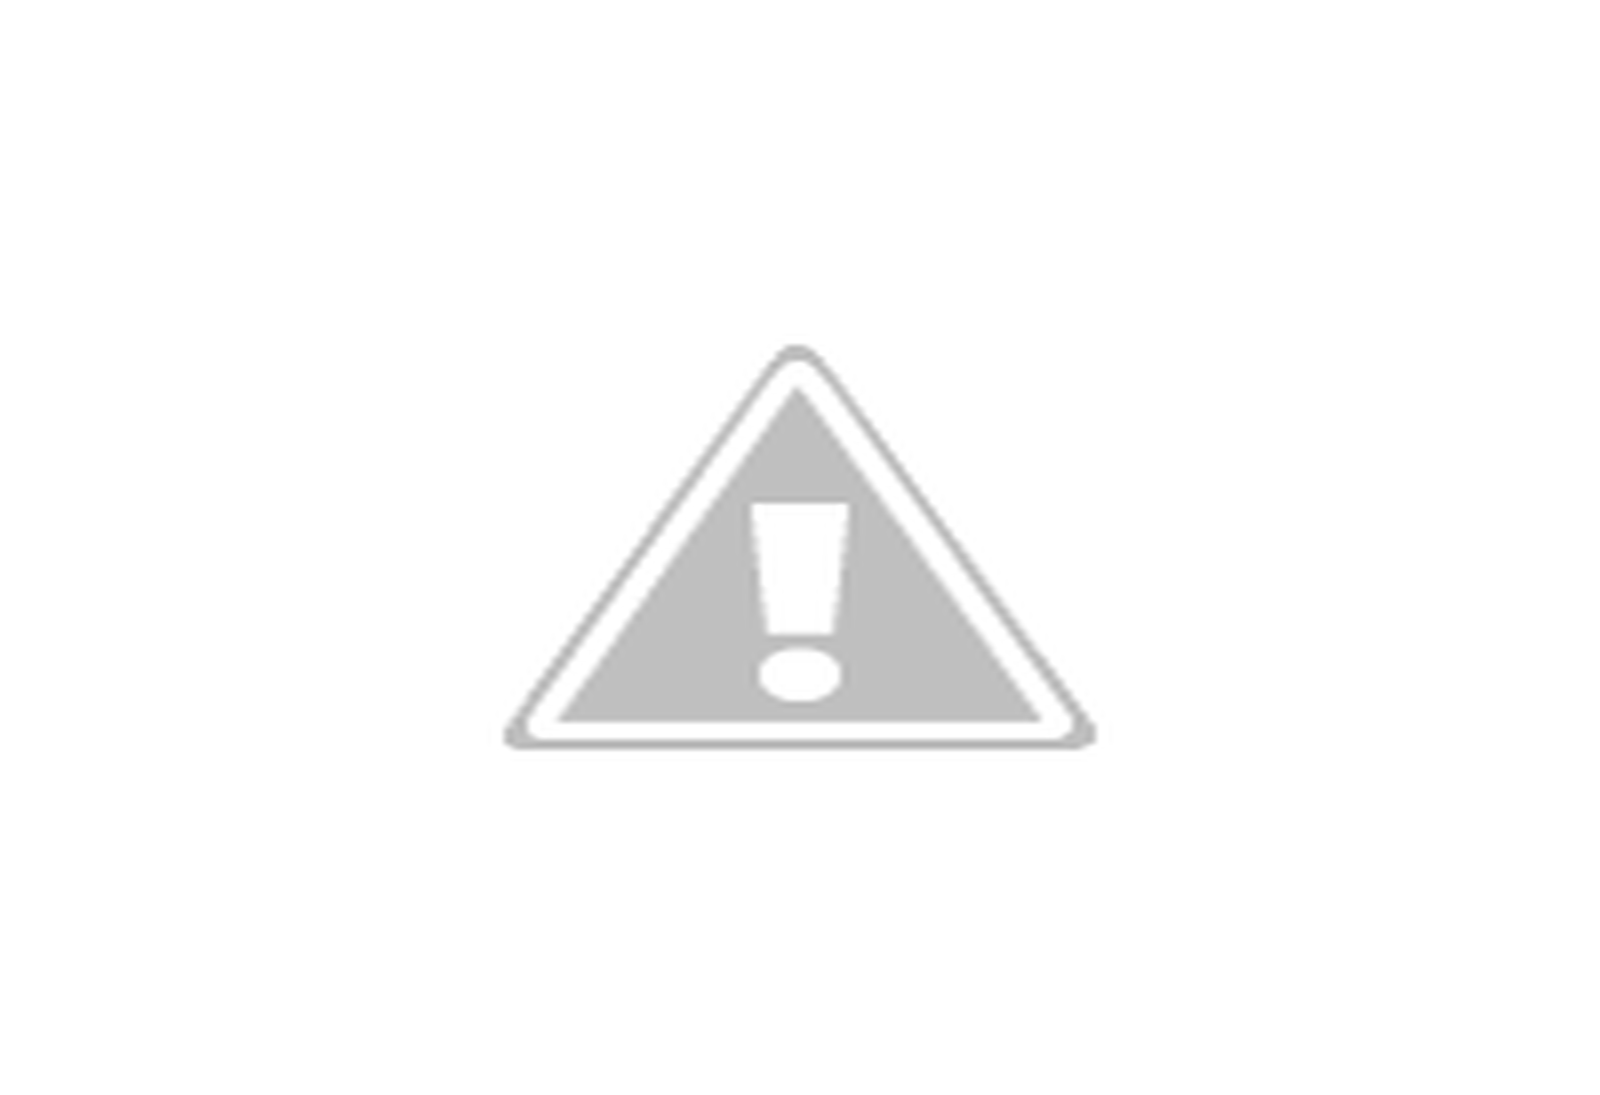 QUE QUIERE DIOS QUE HAGA CON LOS PROBLEMAS EN EL MATRIMONIO - Vida en pareja - Problemas conyugales - SOLUCION DE CONFLICTOS FAMILIARES